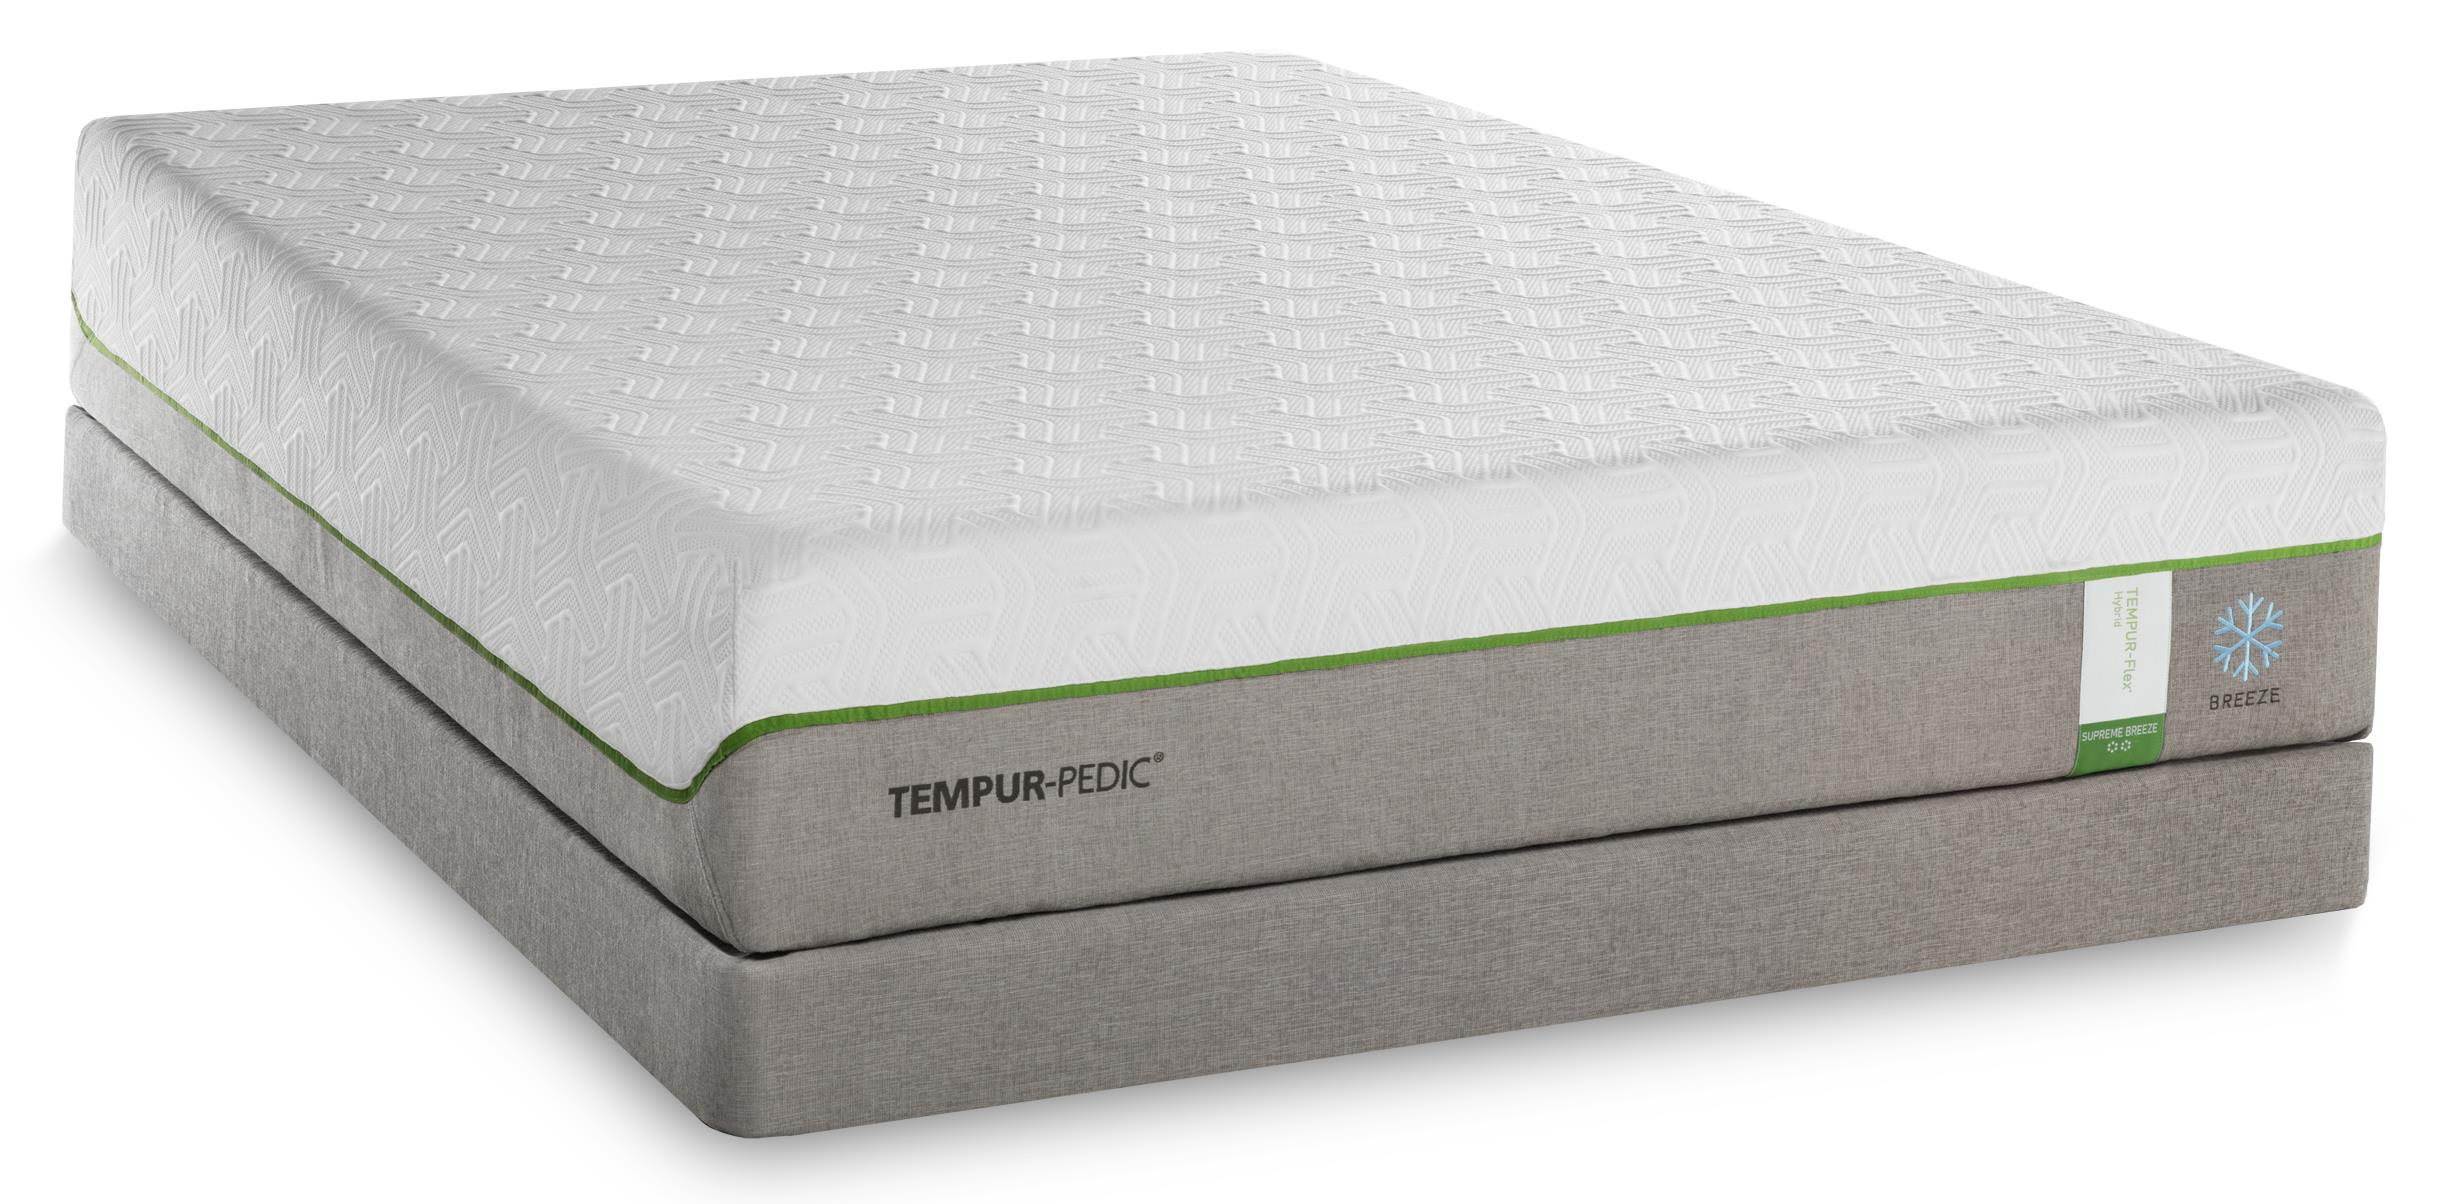 Tempur-Pedic® TEMPUR-Flex Supreme Breeze Split King Medium Plush Mattress, Adj - Item Number: 2x10292220+2x25289220